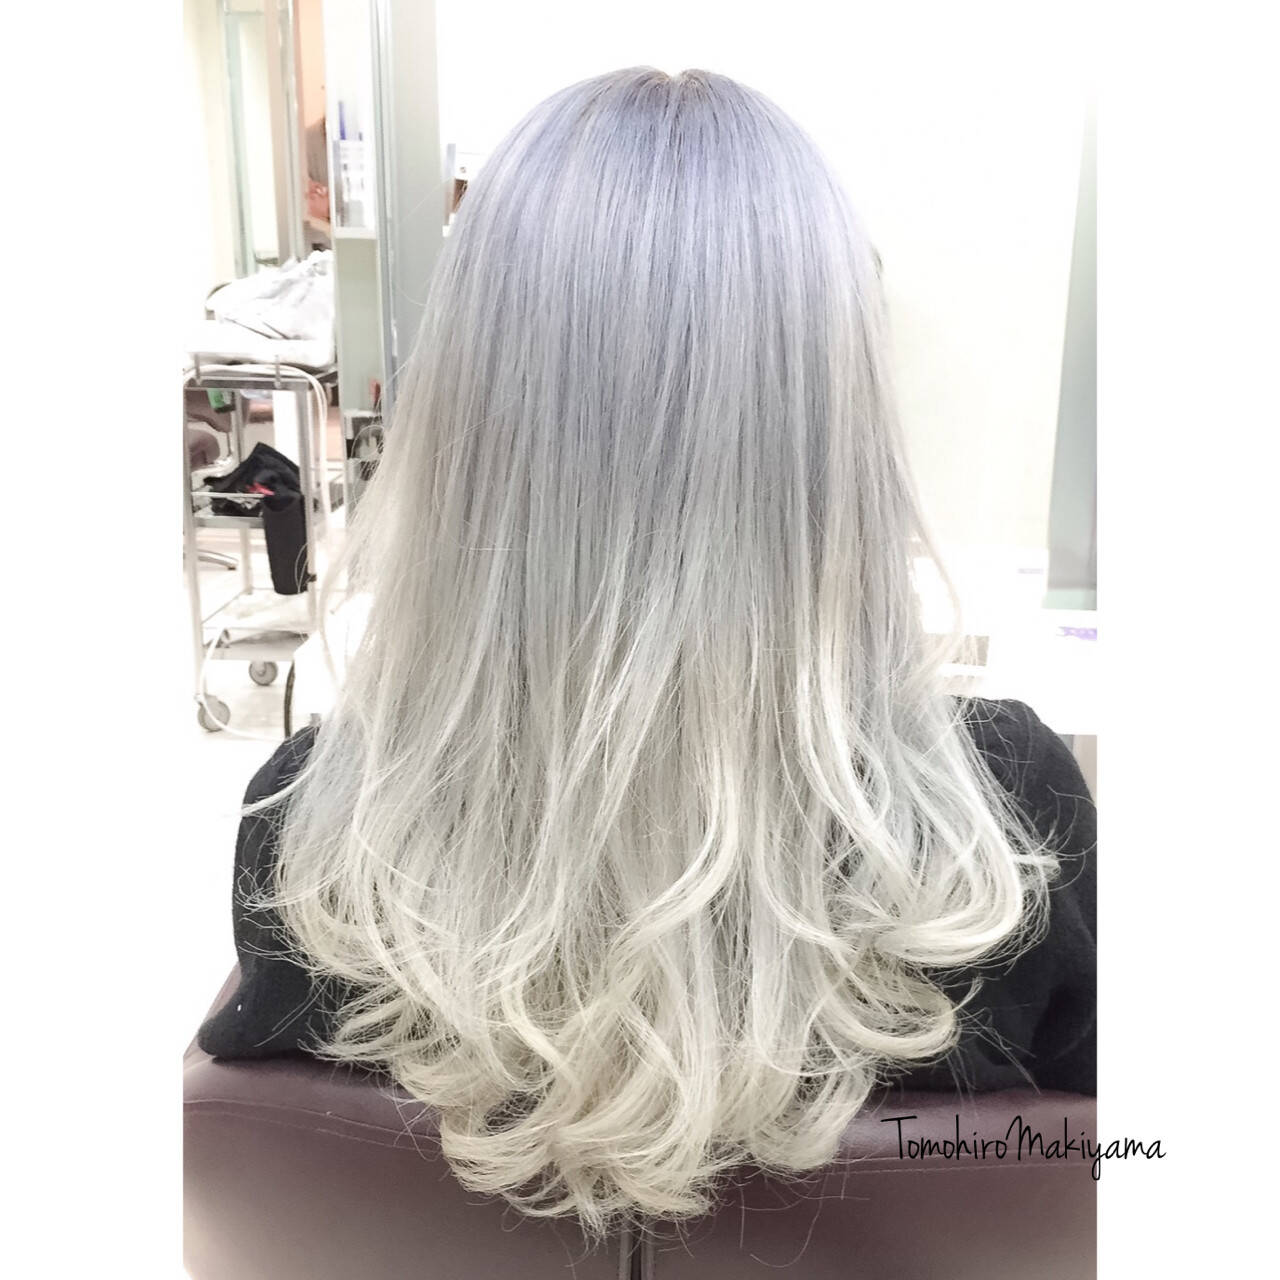 ブリーチ ホワイト ストリート ホワイトアッシュヘアスタイルや髪型の写真・画像